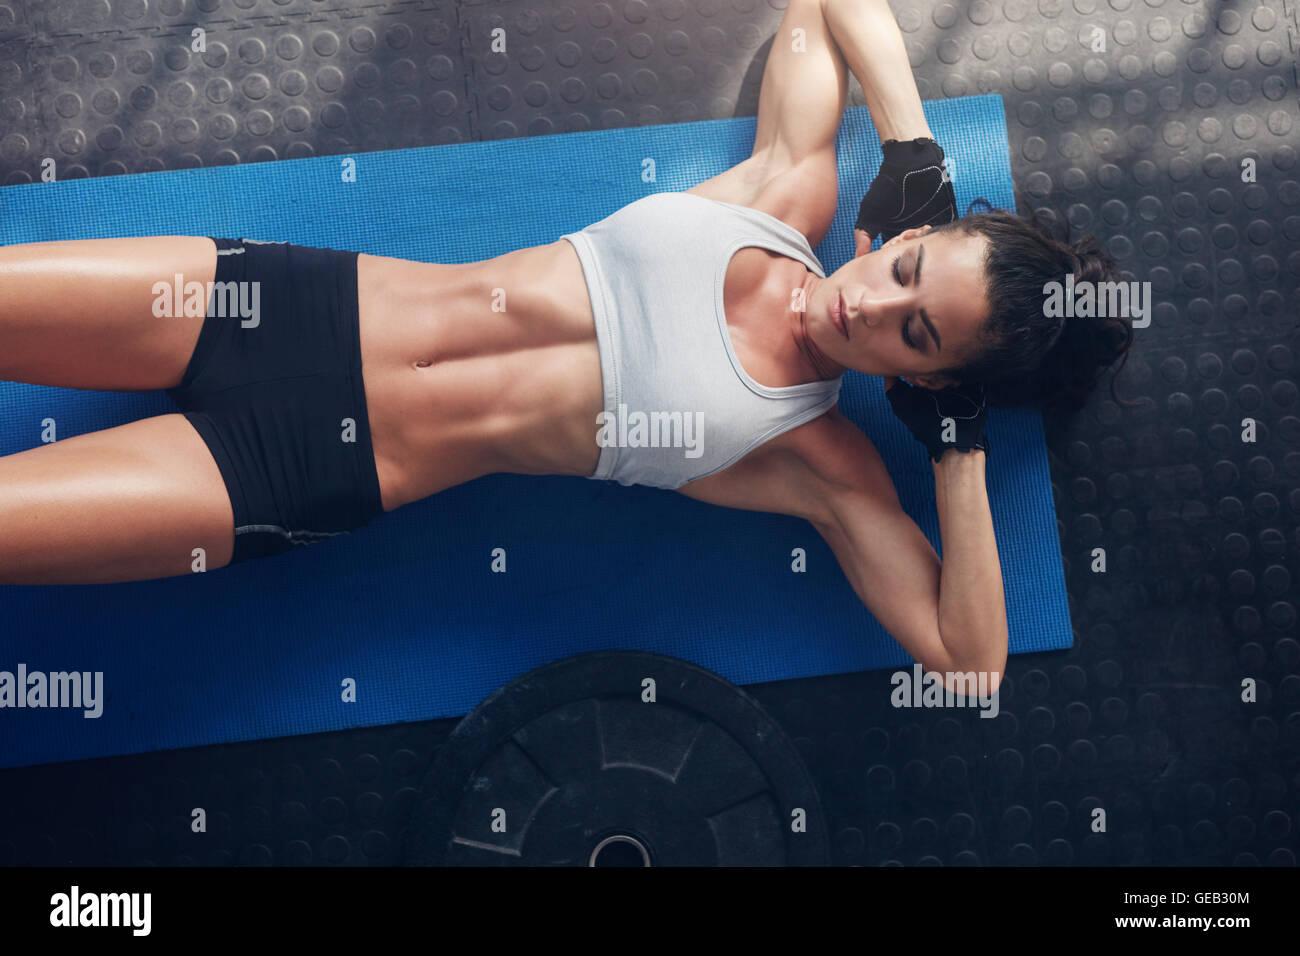 Vista superior de la mujer ejerce sobre la estera del yoga. Fitness femenino acostado sobre colchoneta de ejercicios Imagen De Stock